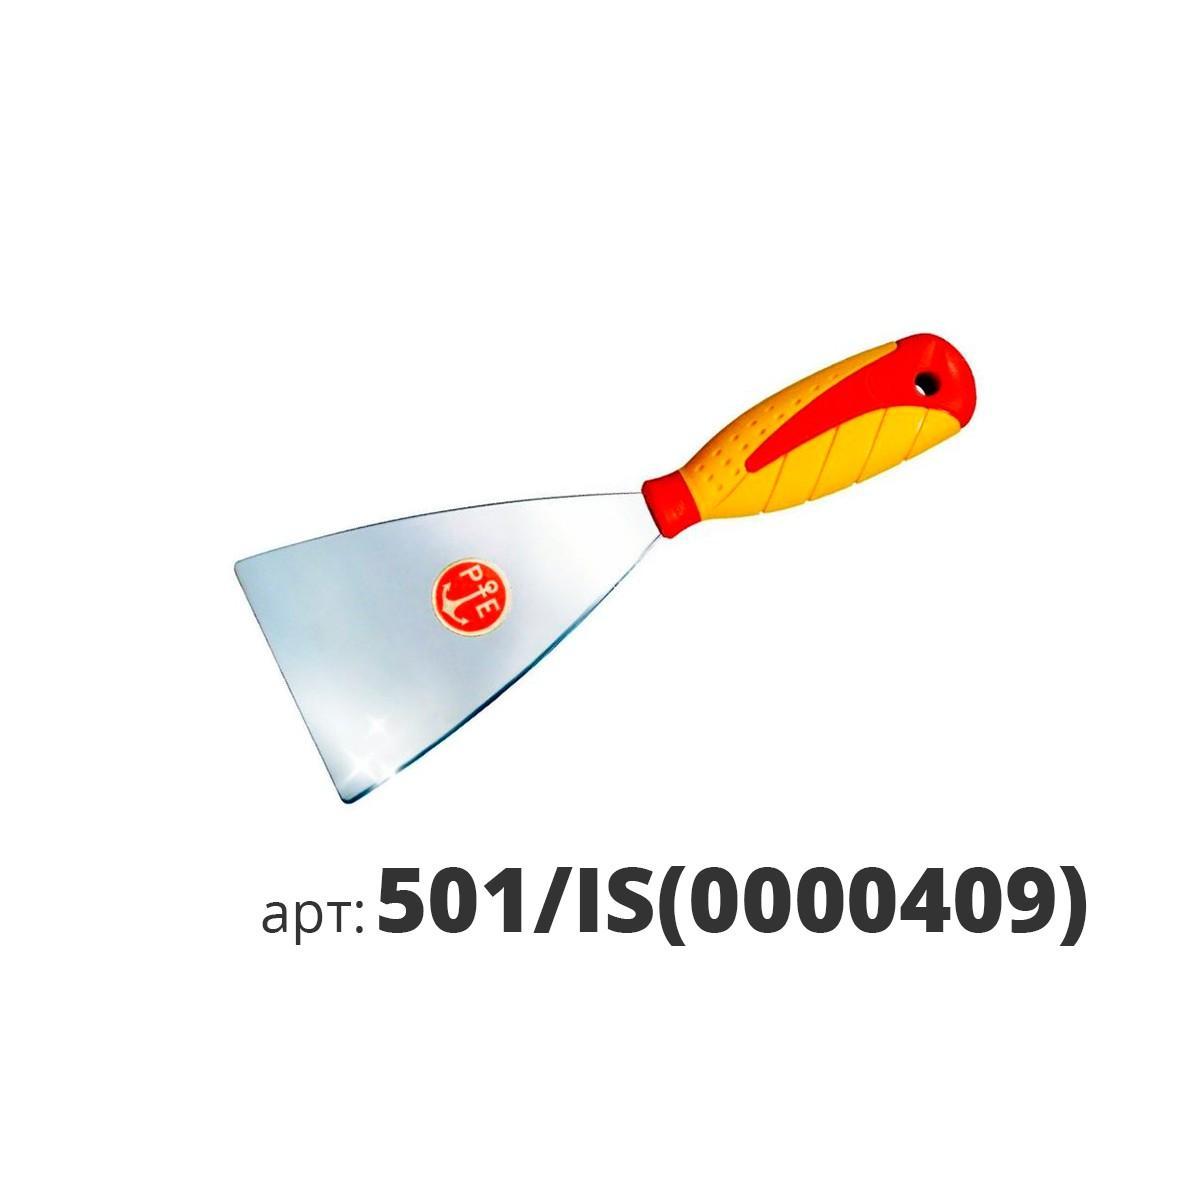 PAVAN шпатель венецианский из нержавеющей стали 501/IS(0000409)